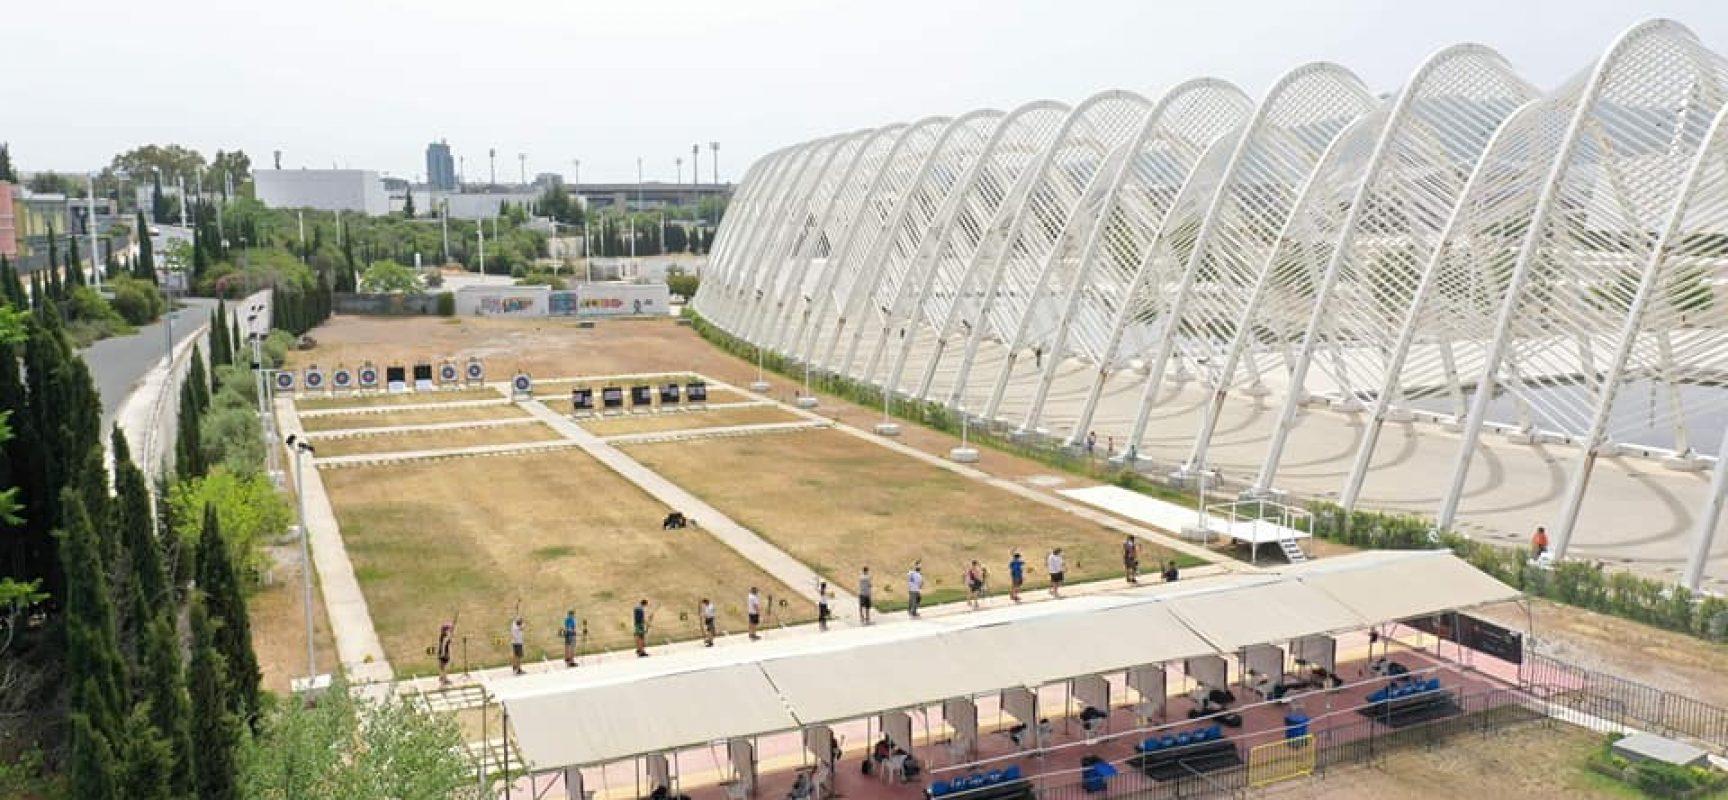 Λίστες με τους αθλητές ανα στόχο του αγώνα ανοιχτού χώρου που θα διεξαχθεί στο ΟΑΚΑ στις  27 Ιουνίου